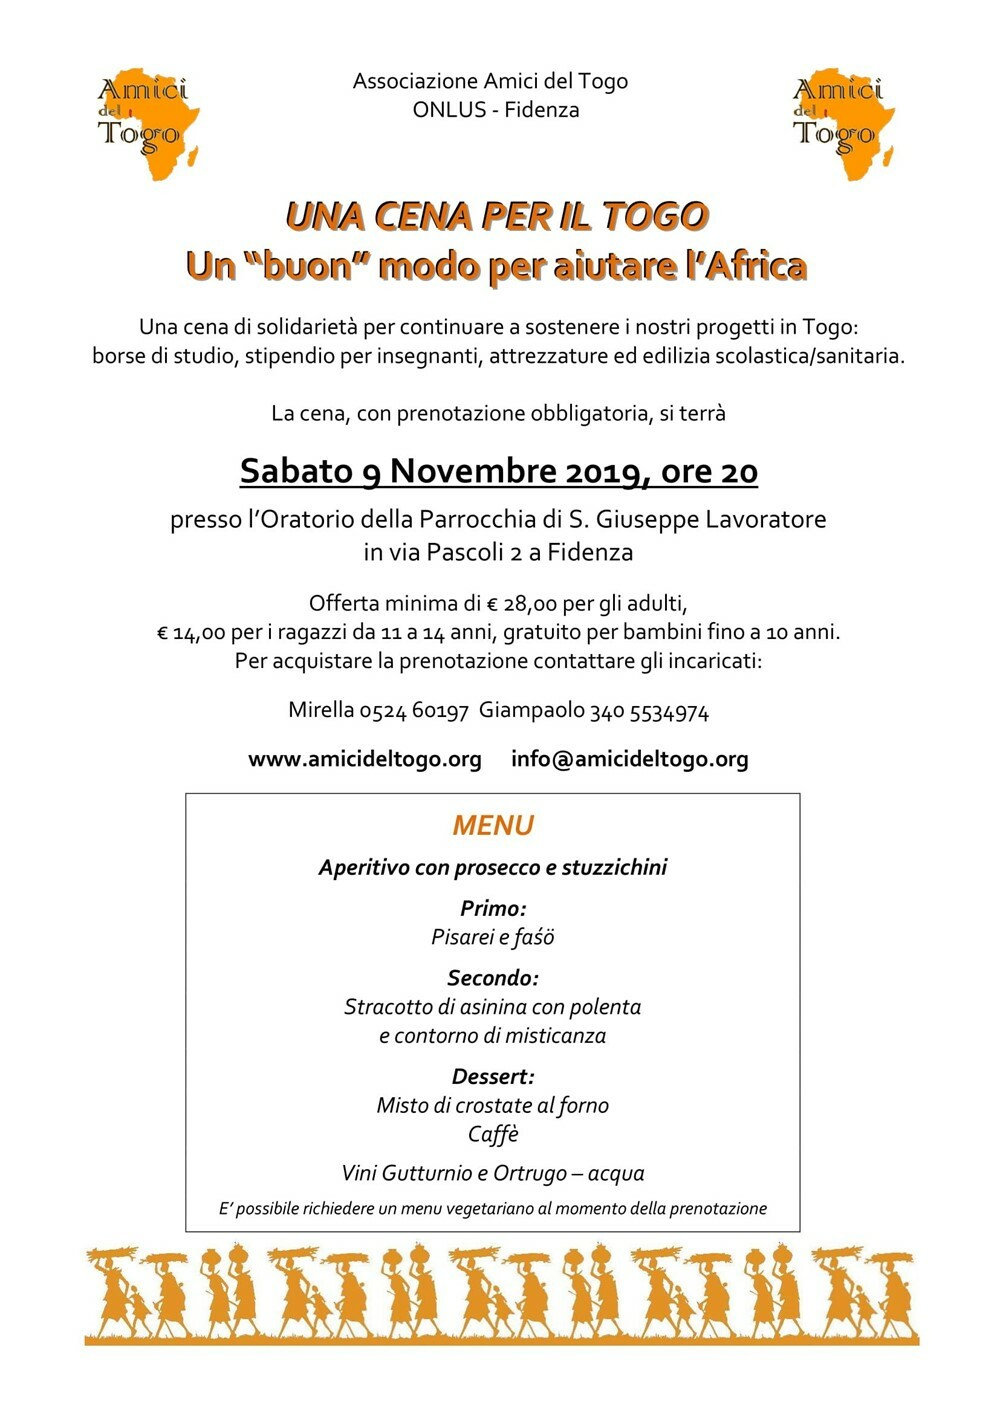 Una cena per il Togo Il 9 novembre la cena di solidarietà organizzata da Amici del Togo